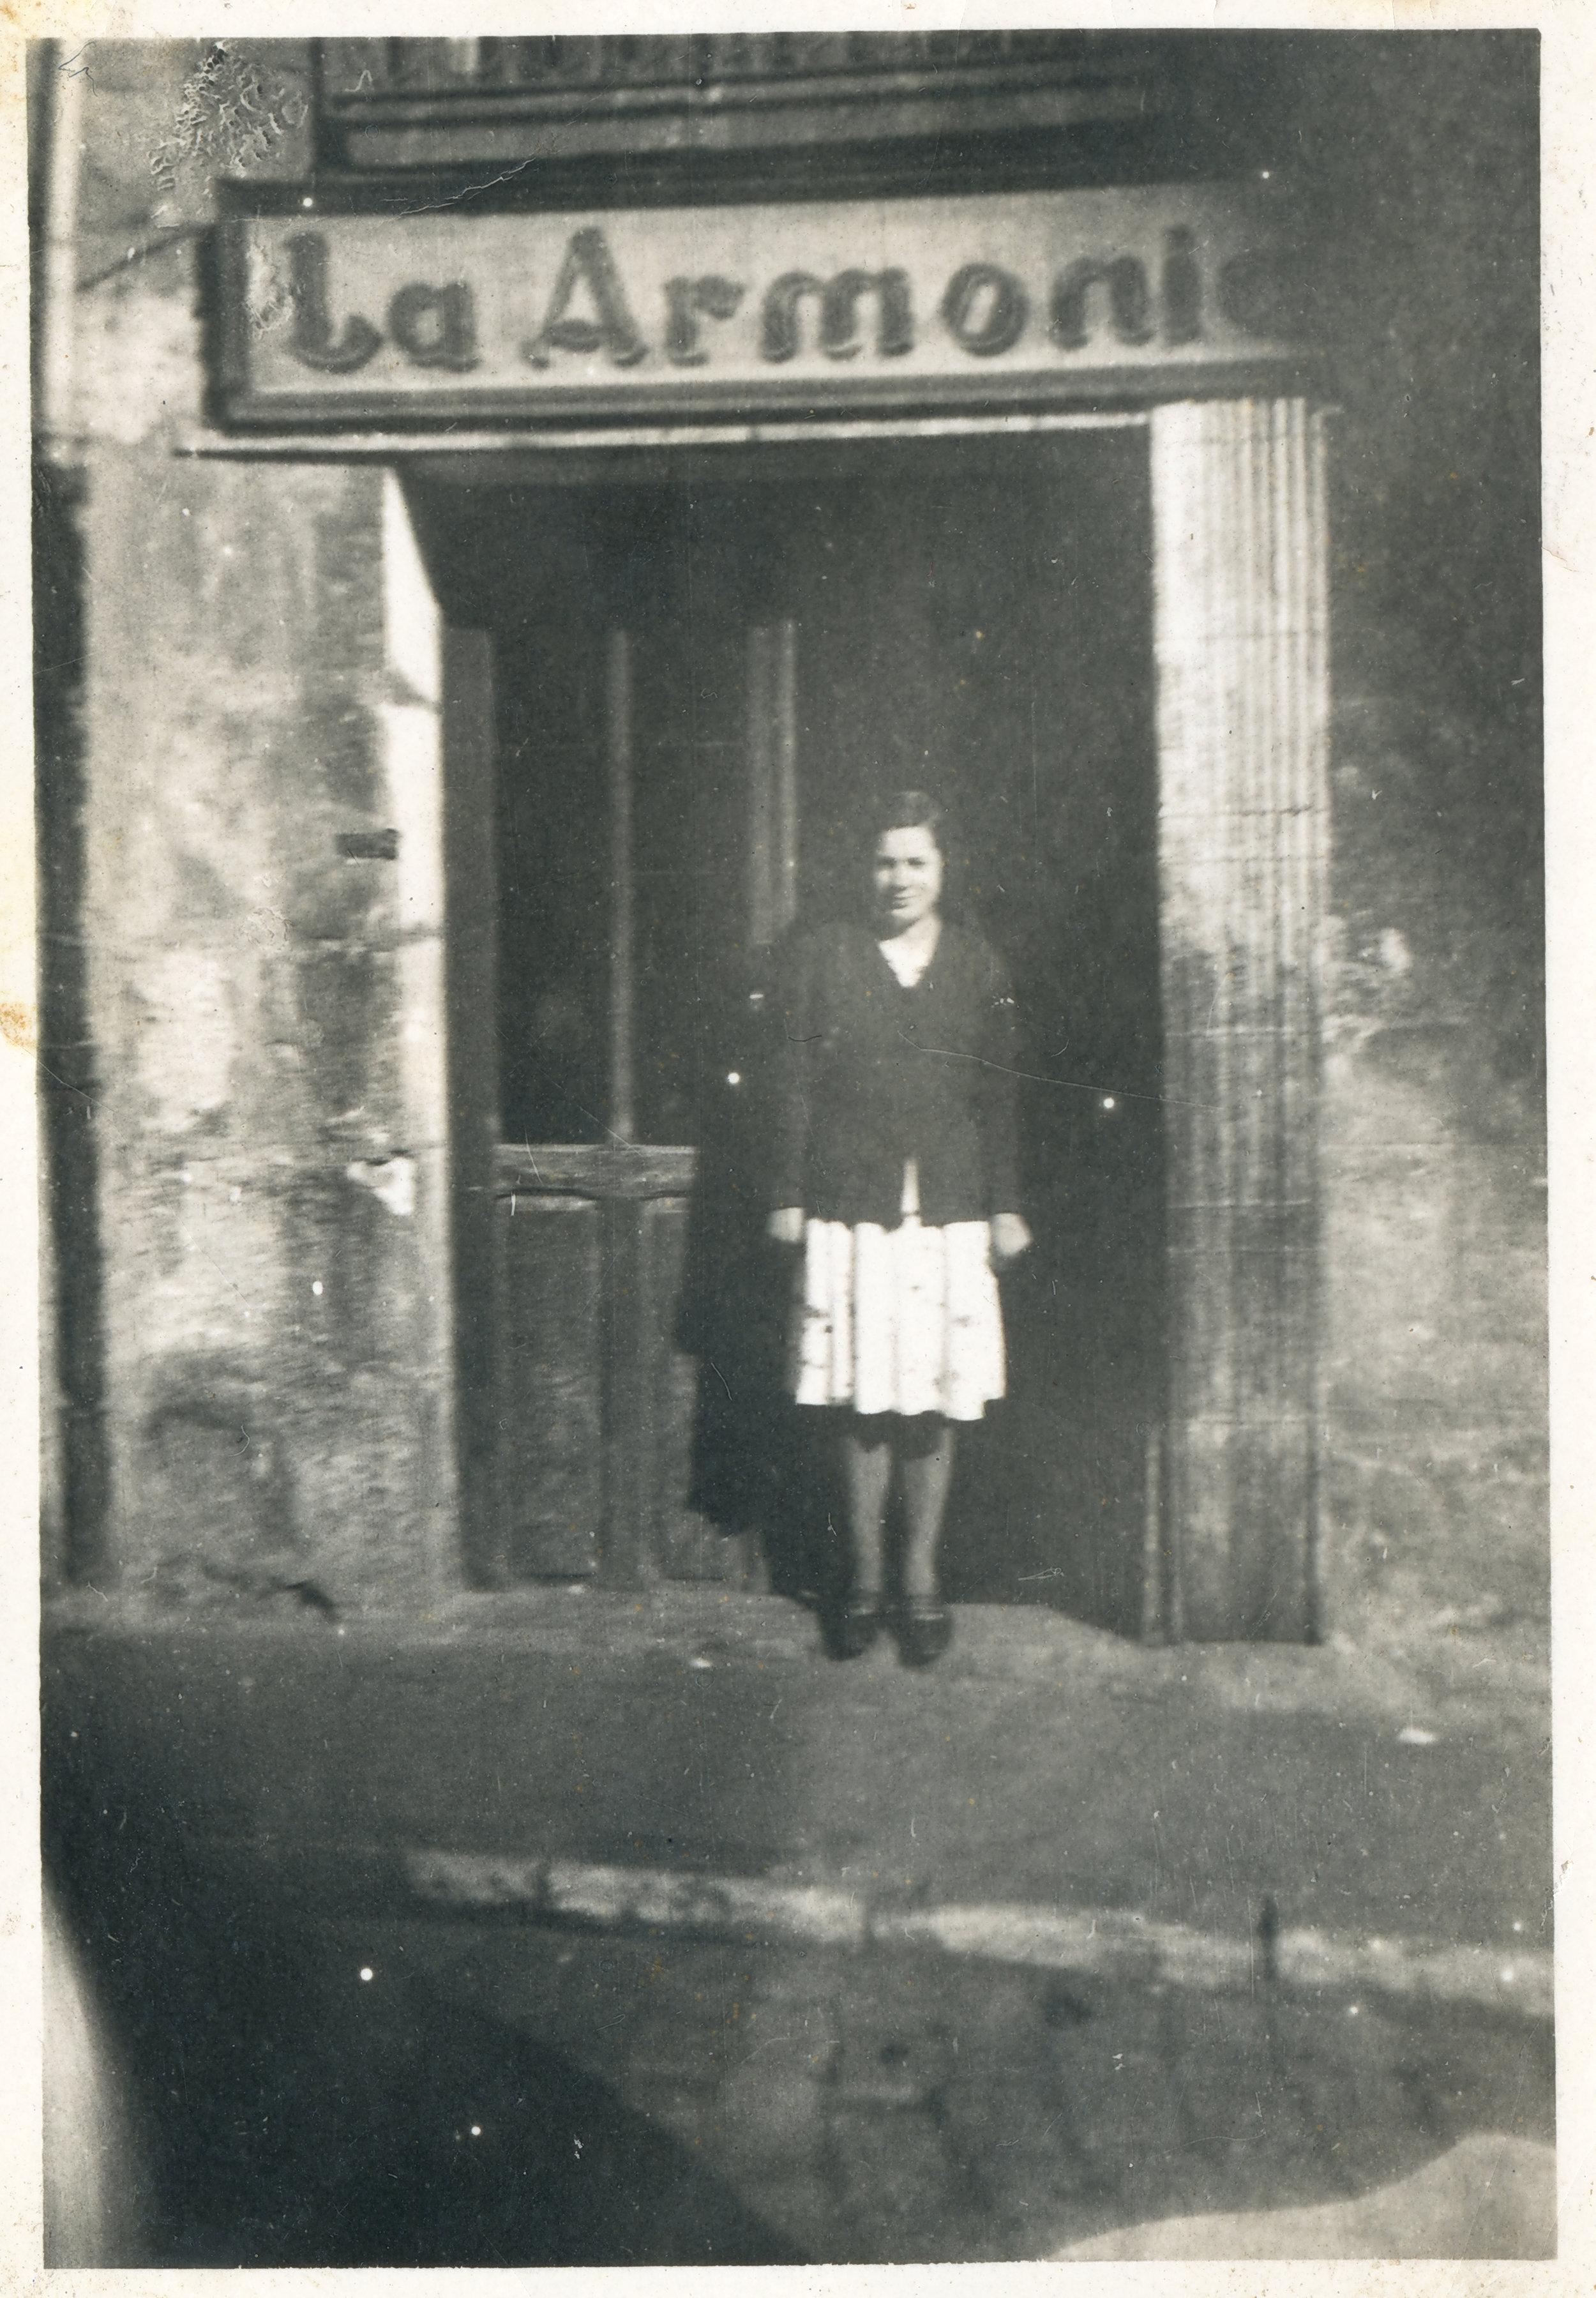 Bar La Armonía, que estaba situado en la calle Fernán González de Burgos (1955). Fotografía: Ayto. de Burgos